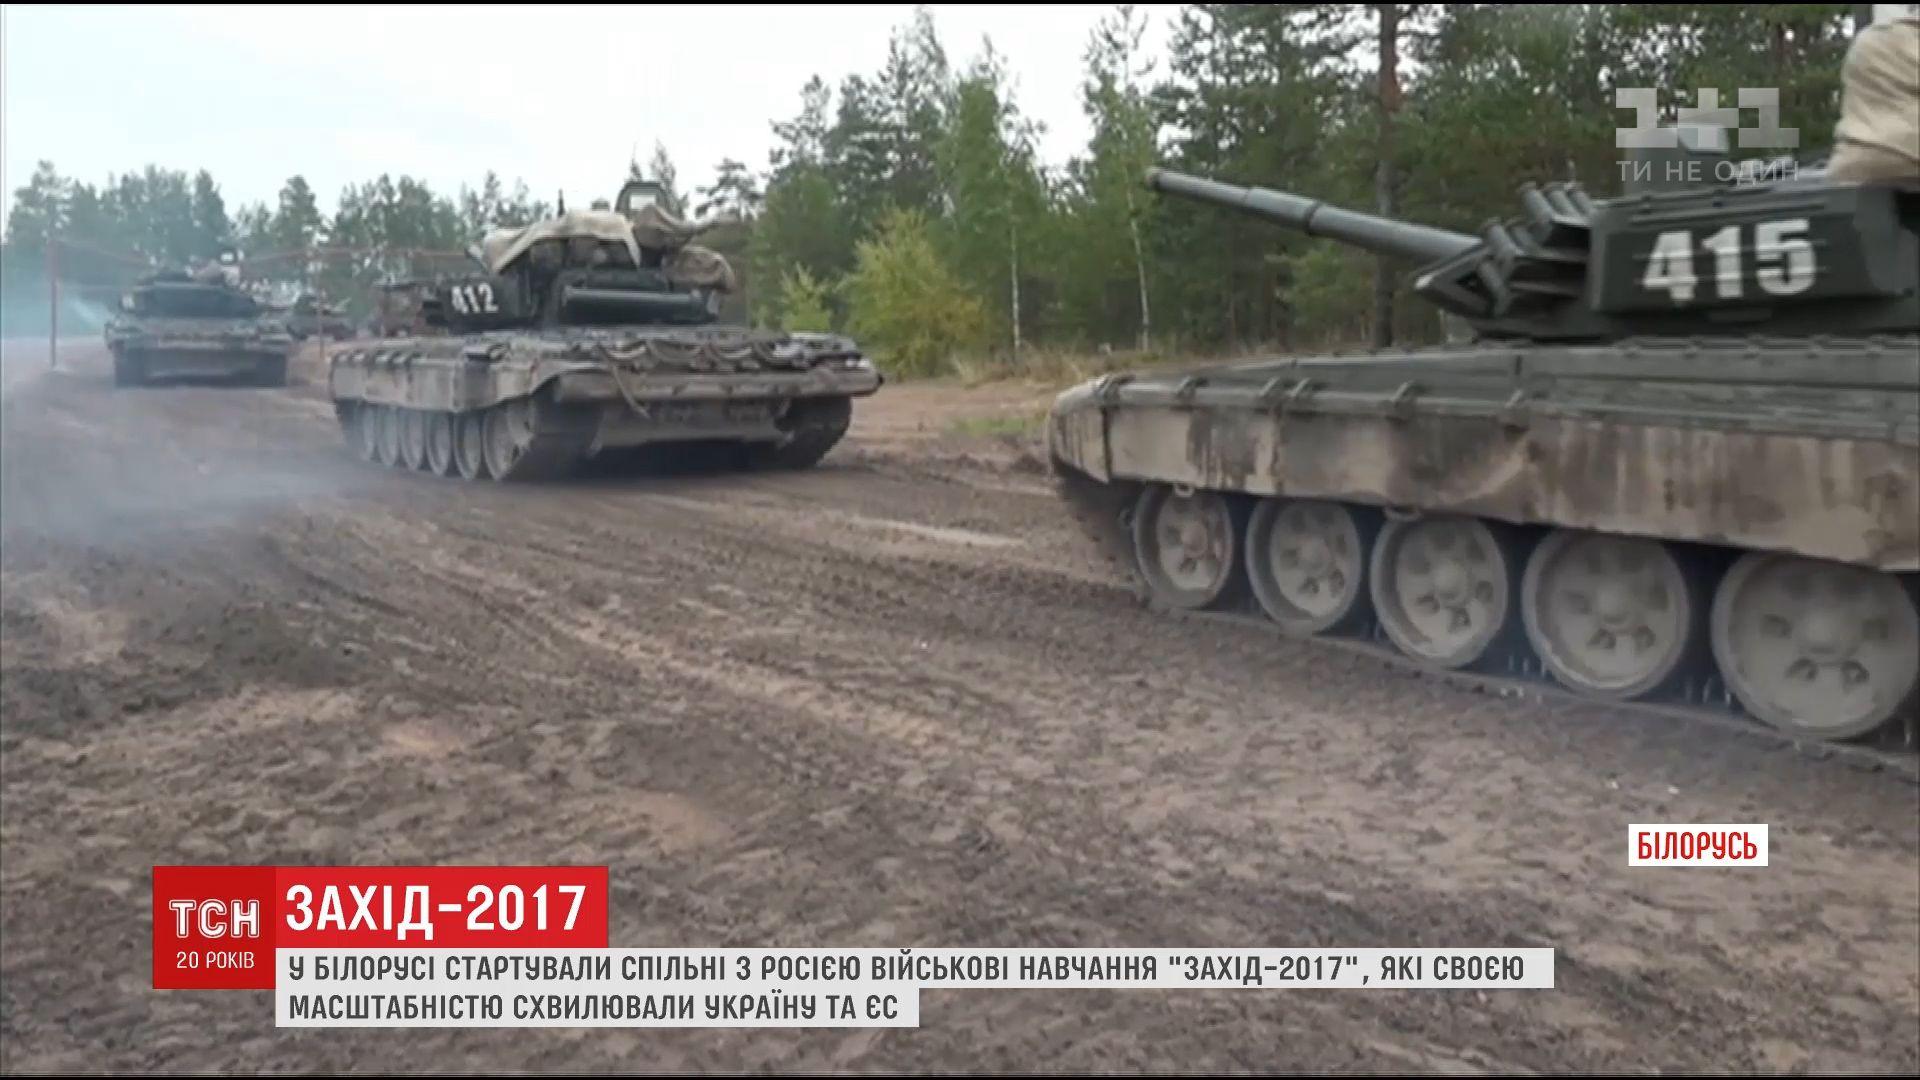 У Білорусі кажуть, що нові підрозділи на територію країни не прибували / скріншот